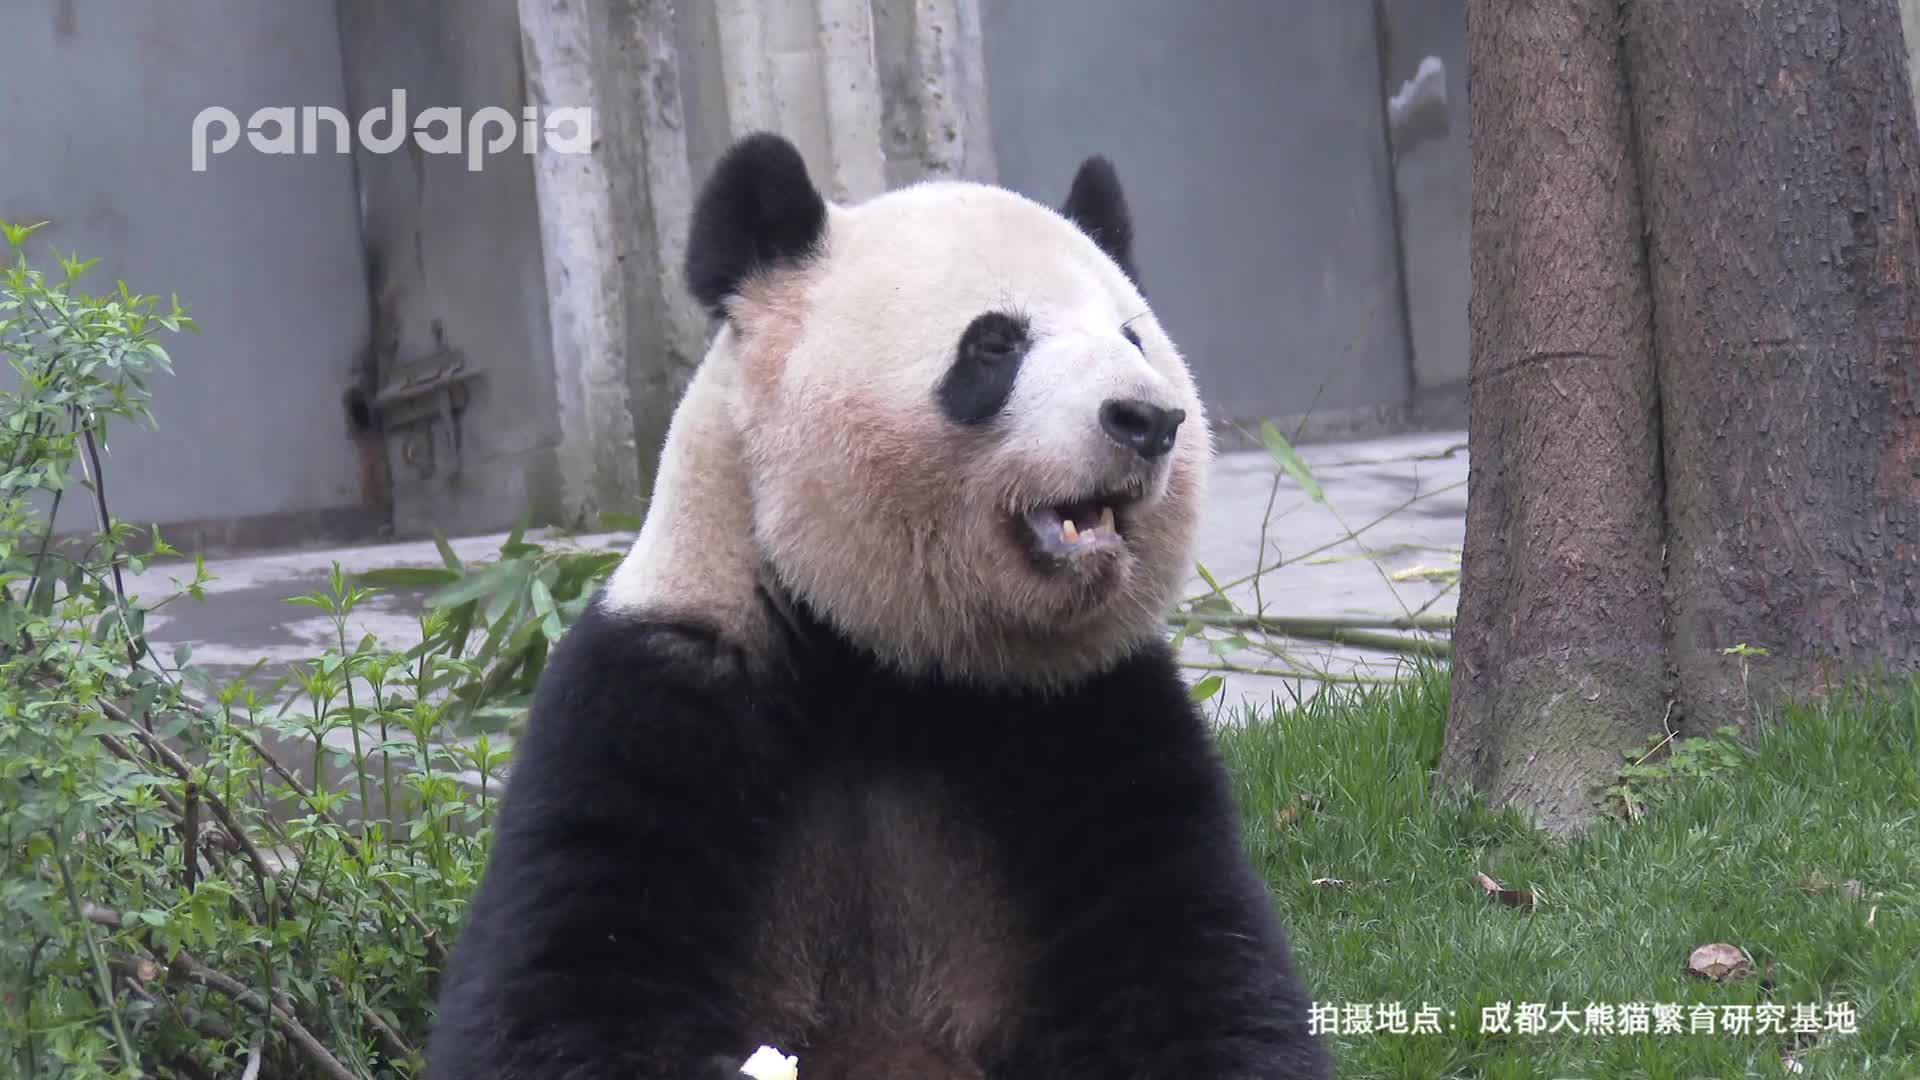 熊猫原来是这样打嗝的! http://t